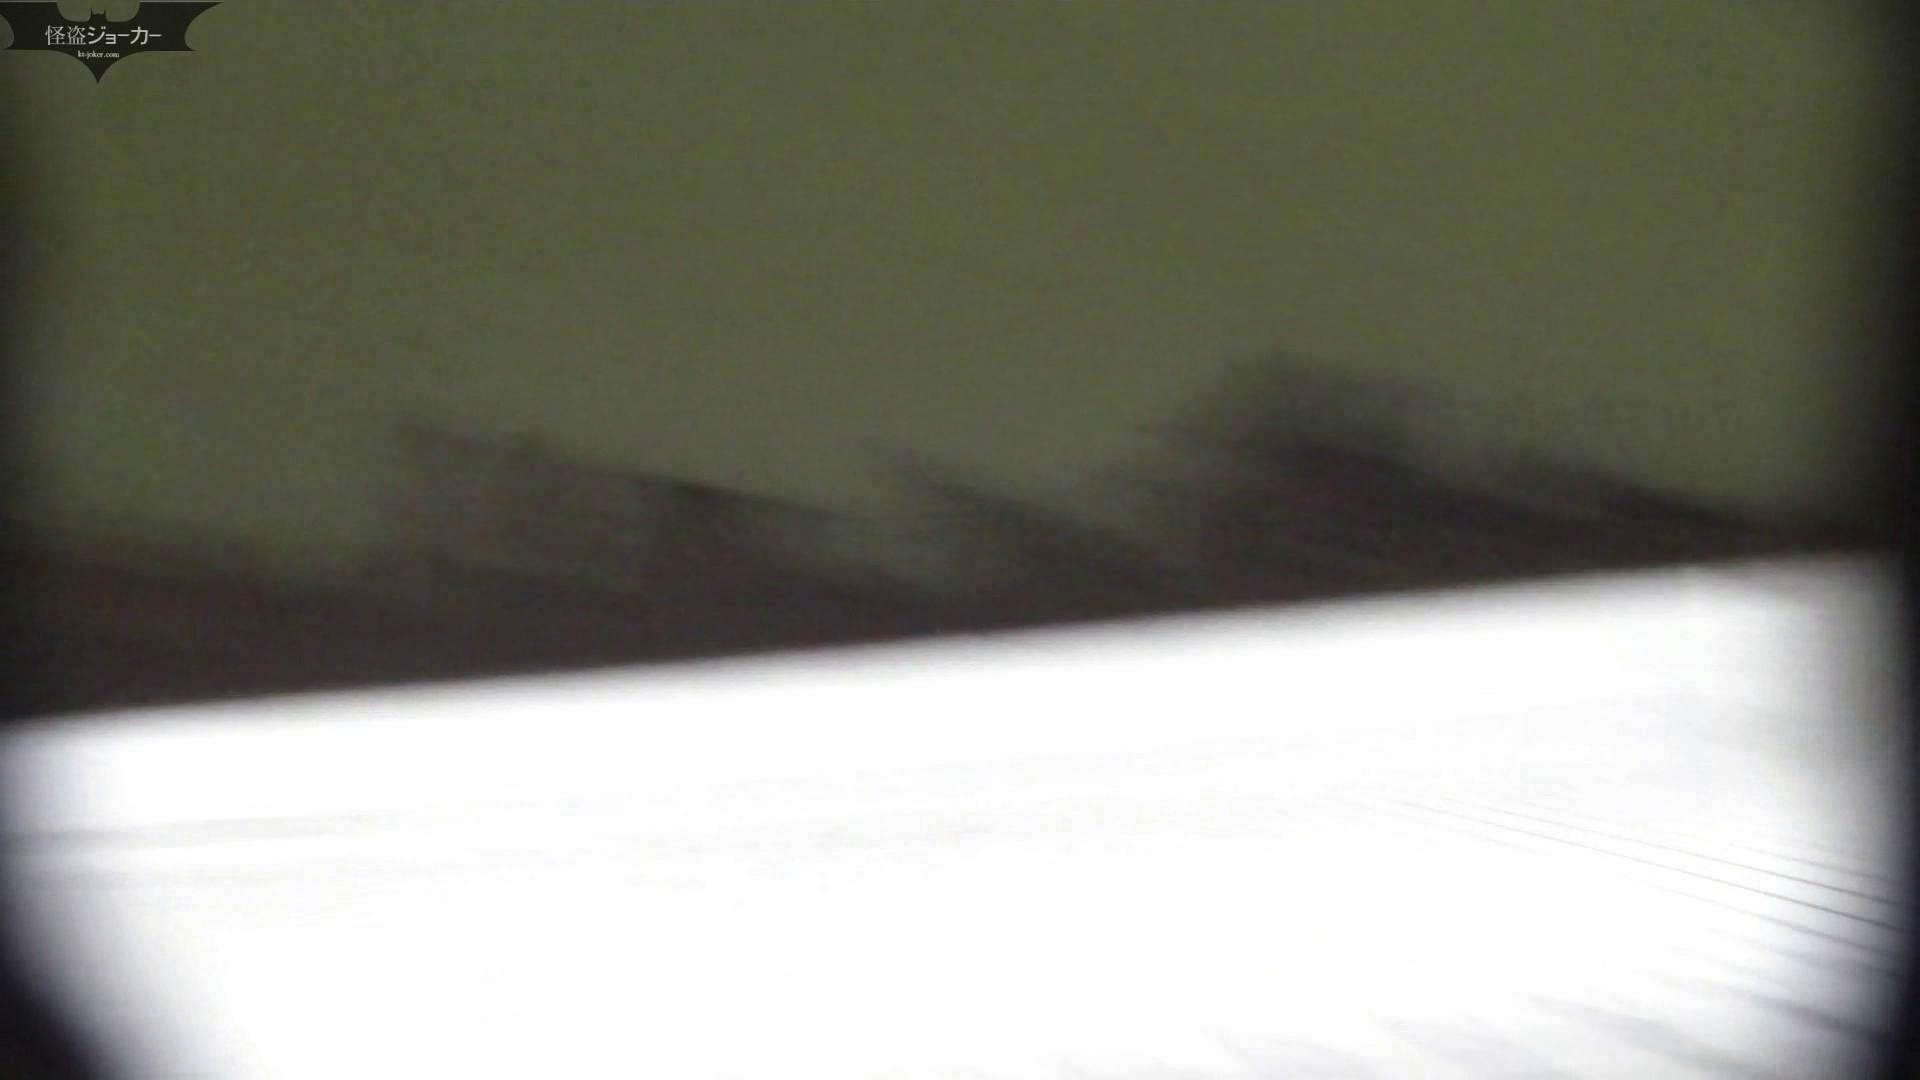 【美しき個室な世界】洗面所特攻隊 vol.051 高画質  100枚 63